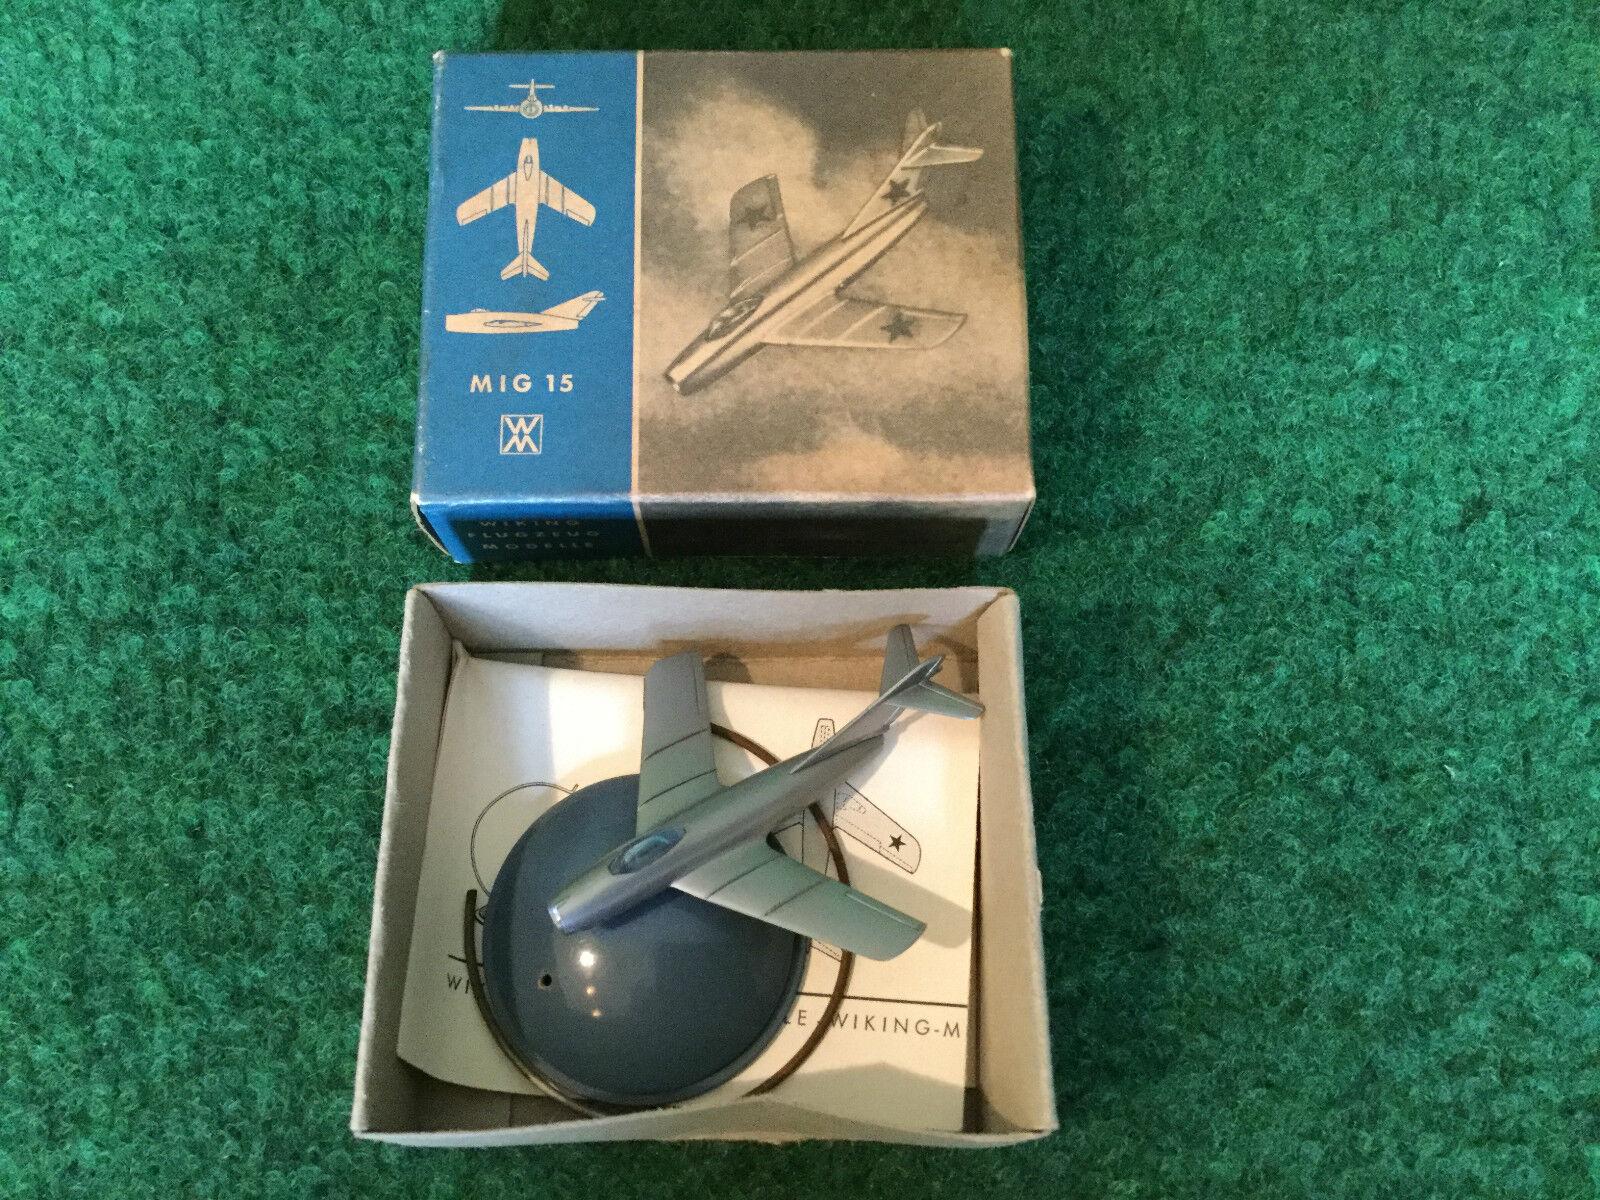 Wiking plástico avión mig 15 modelos OVP